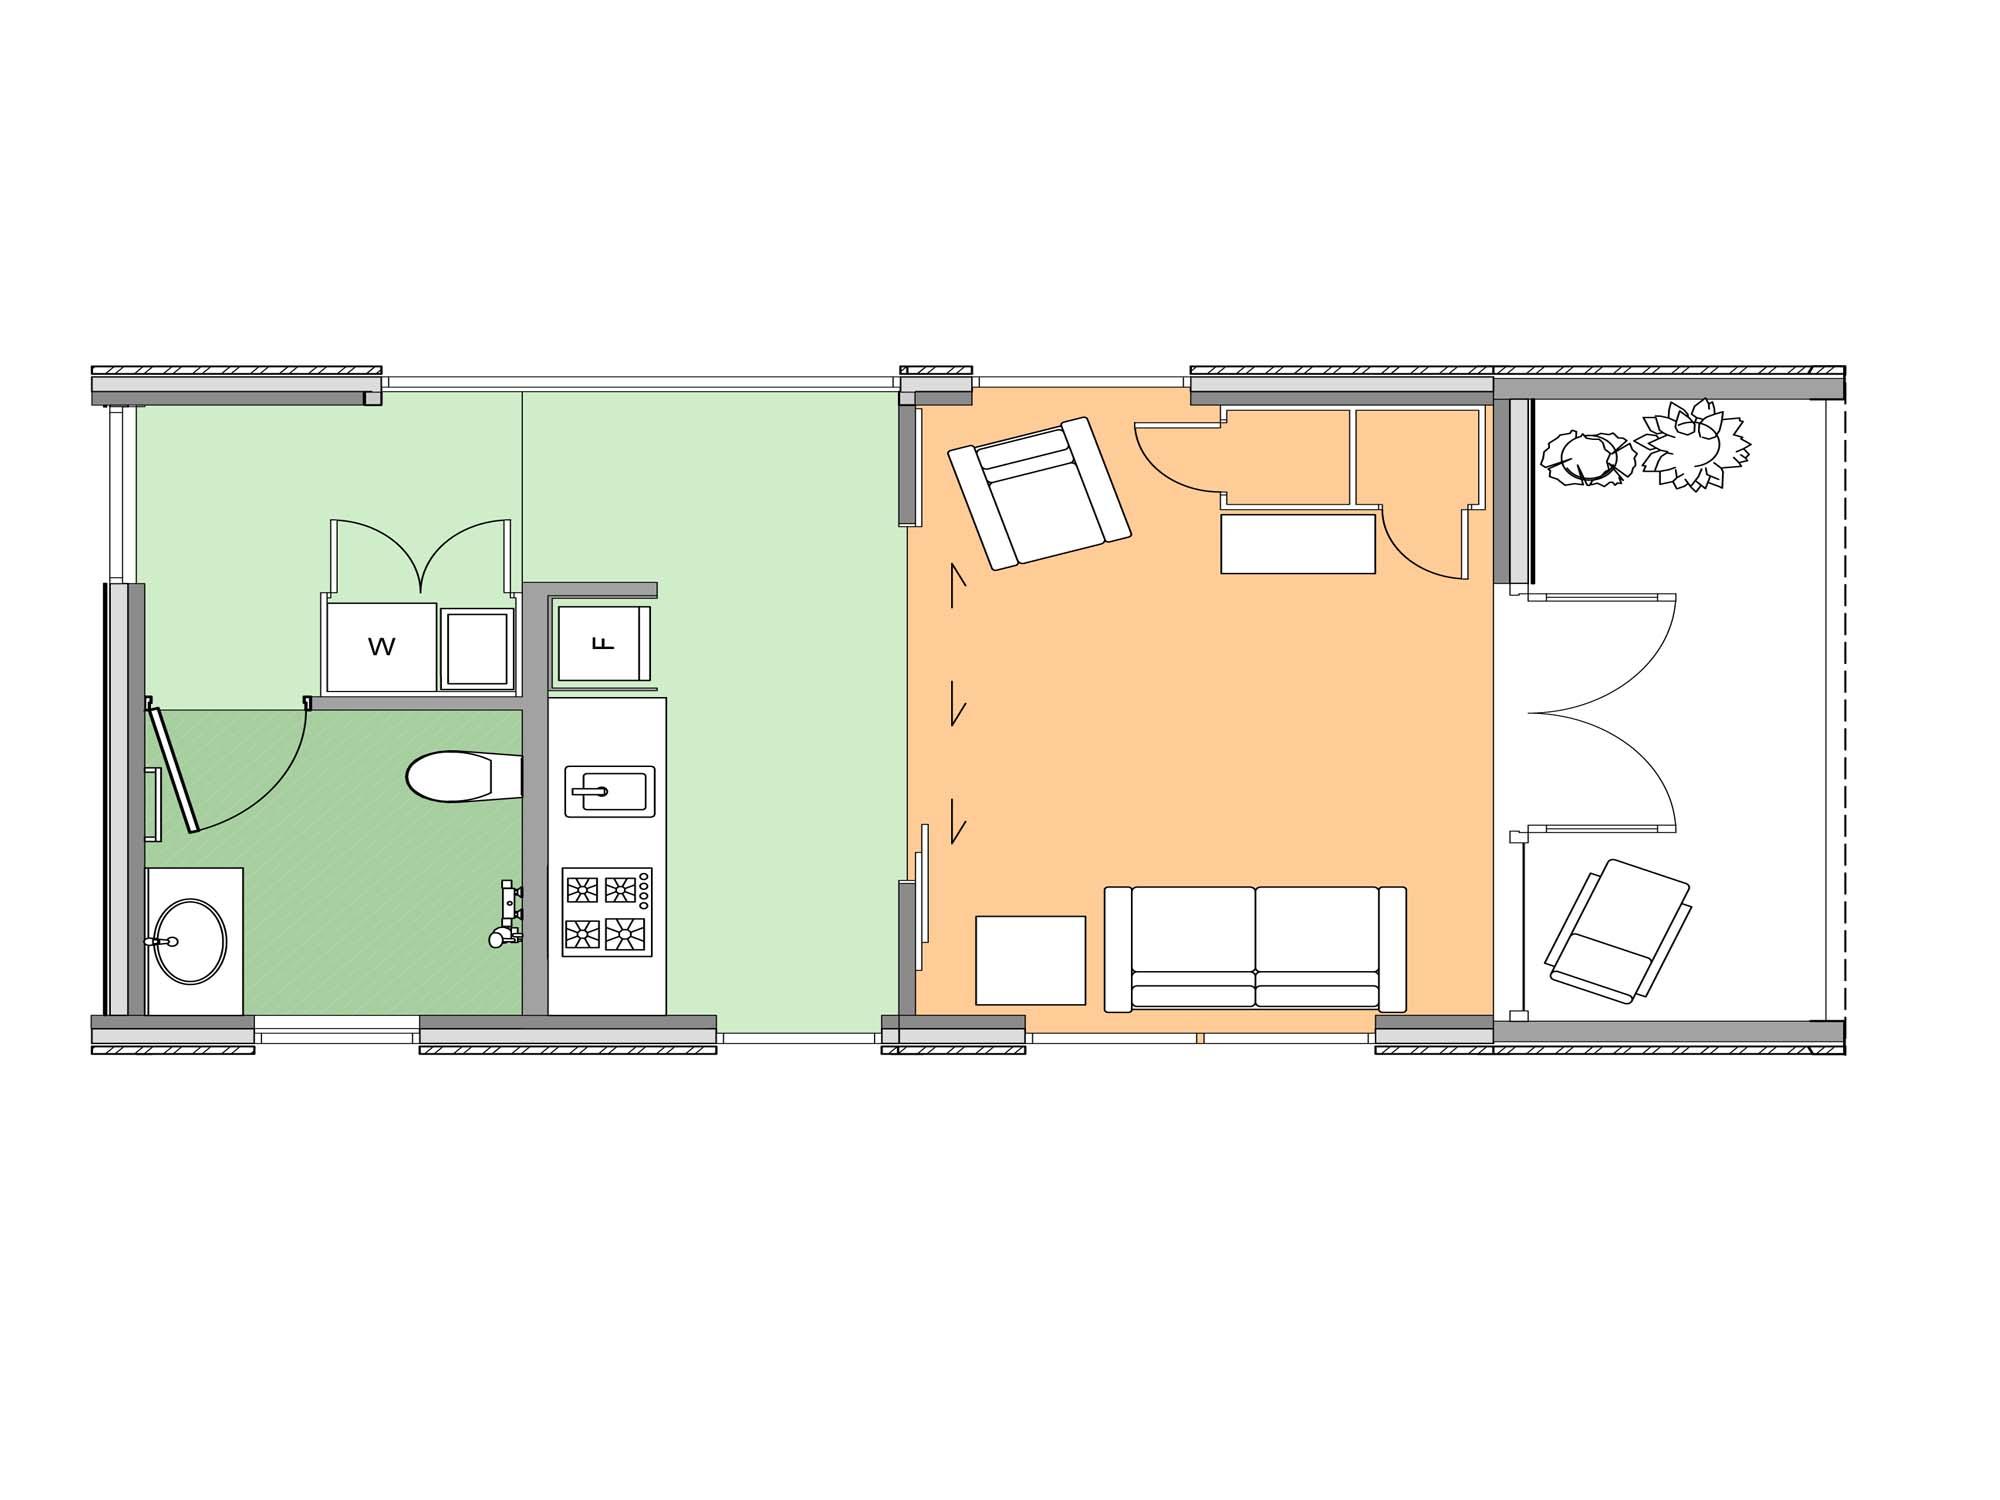 Plan of Te Whare-iti TWI 02